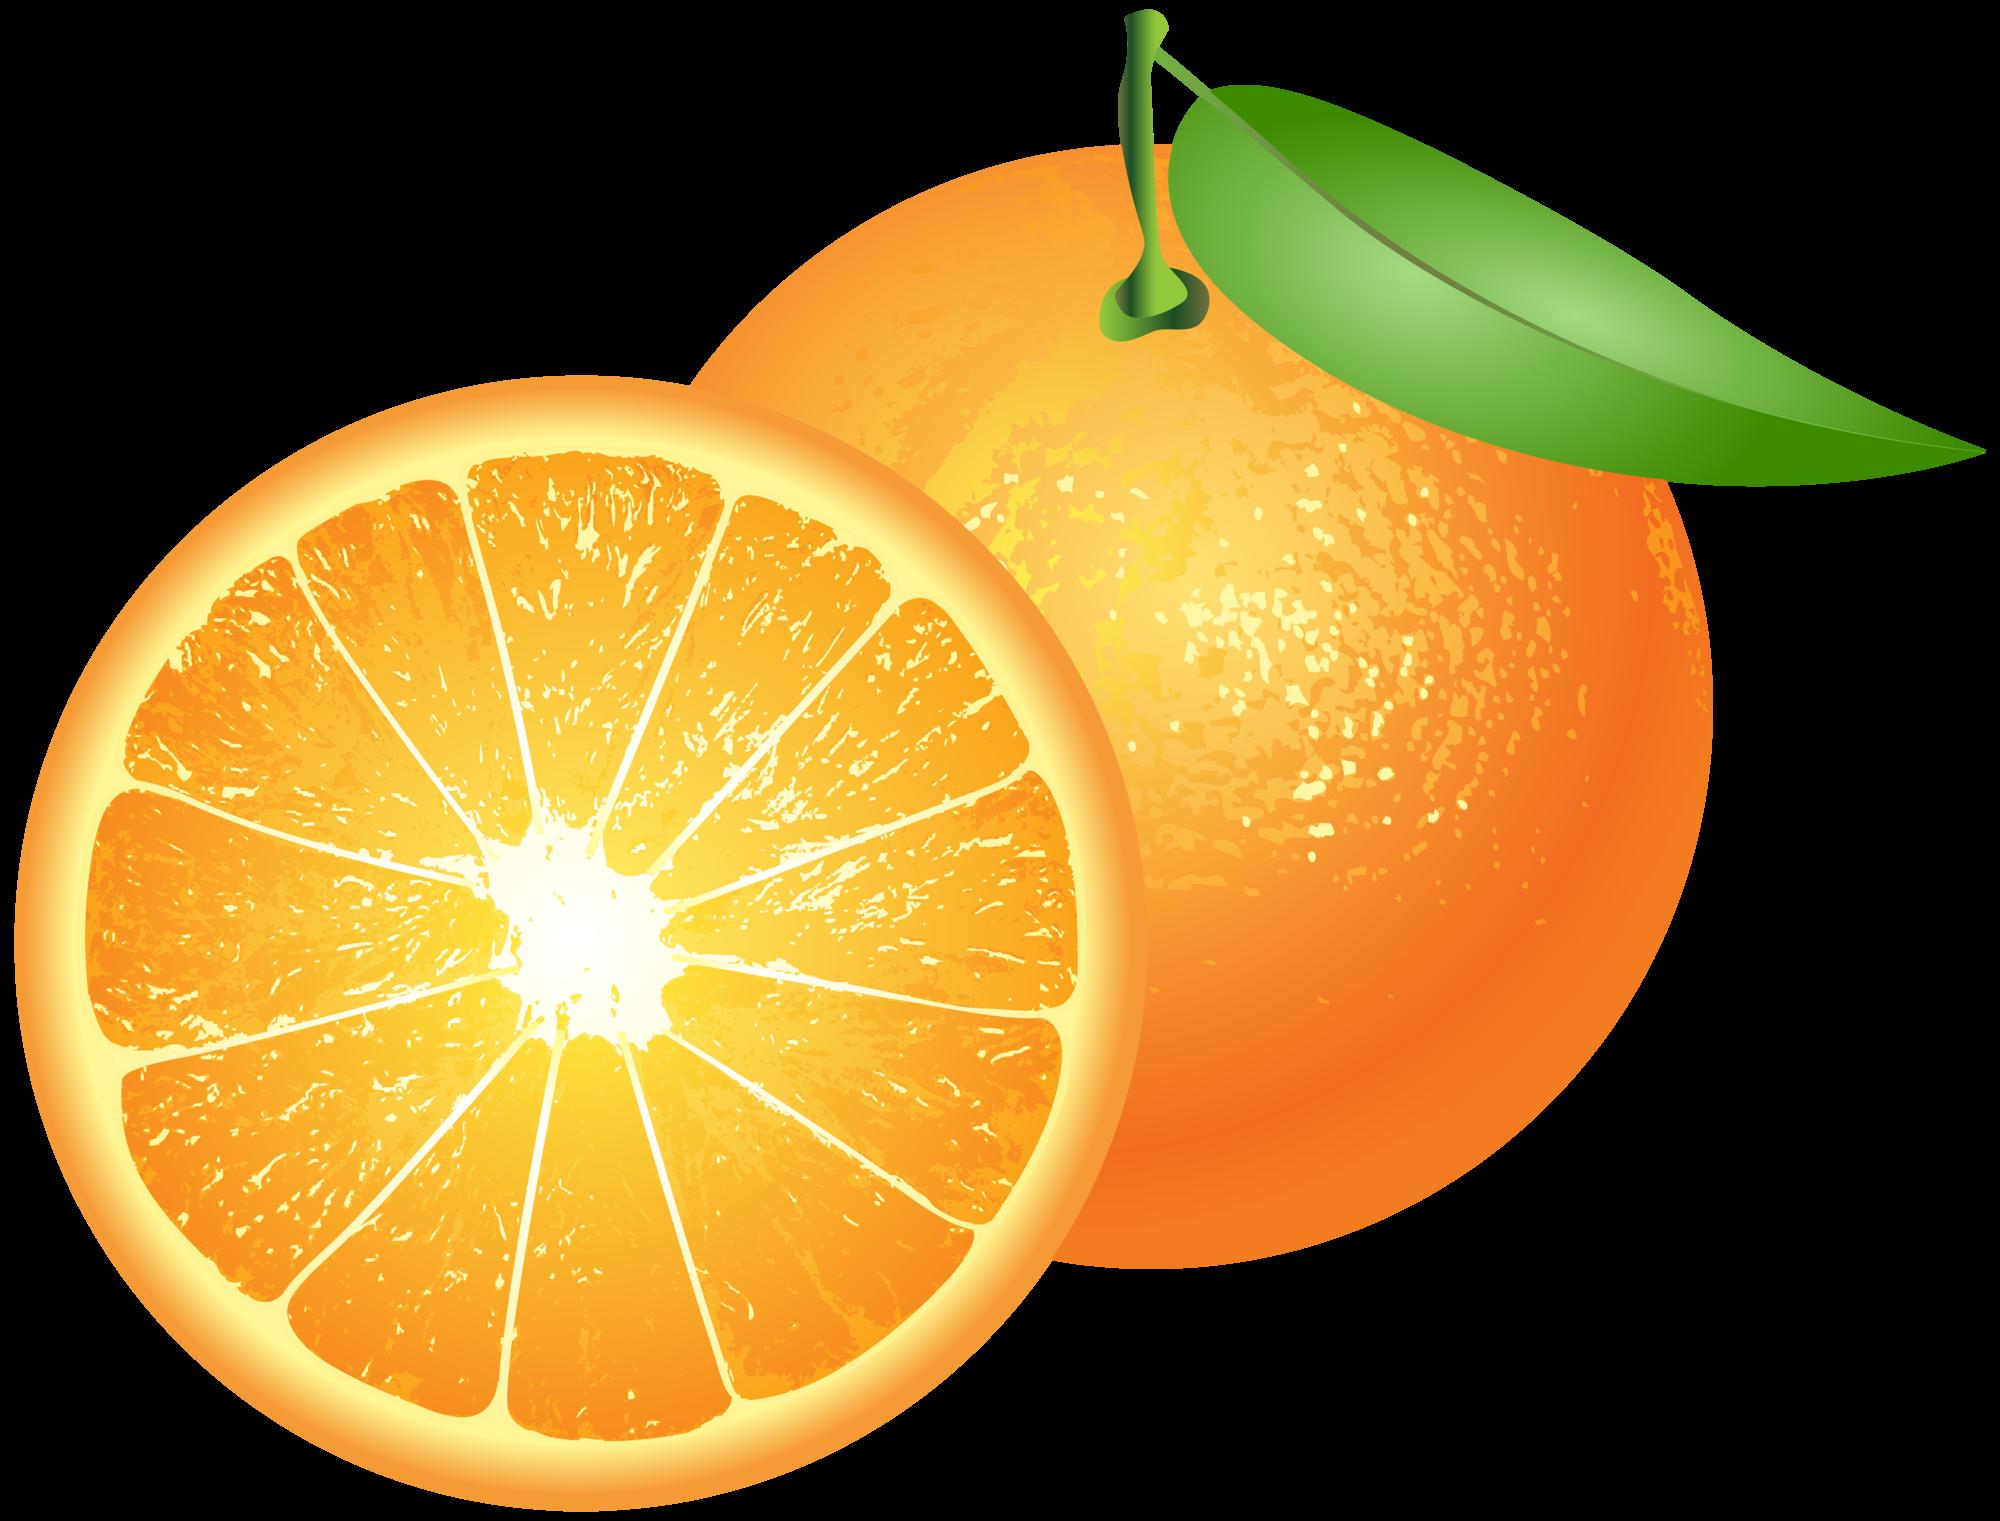 oranges png clip art rh clipart info oranges clipart png mandarin oranges clipart